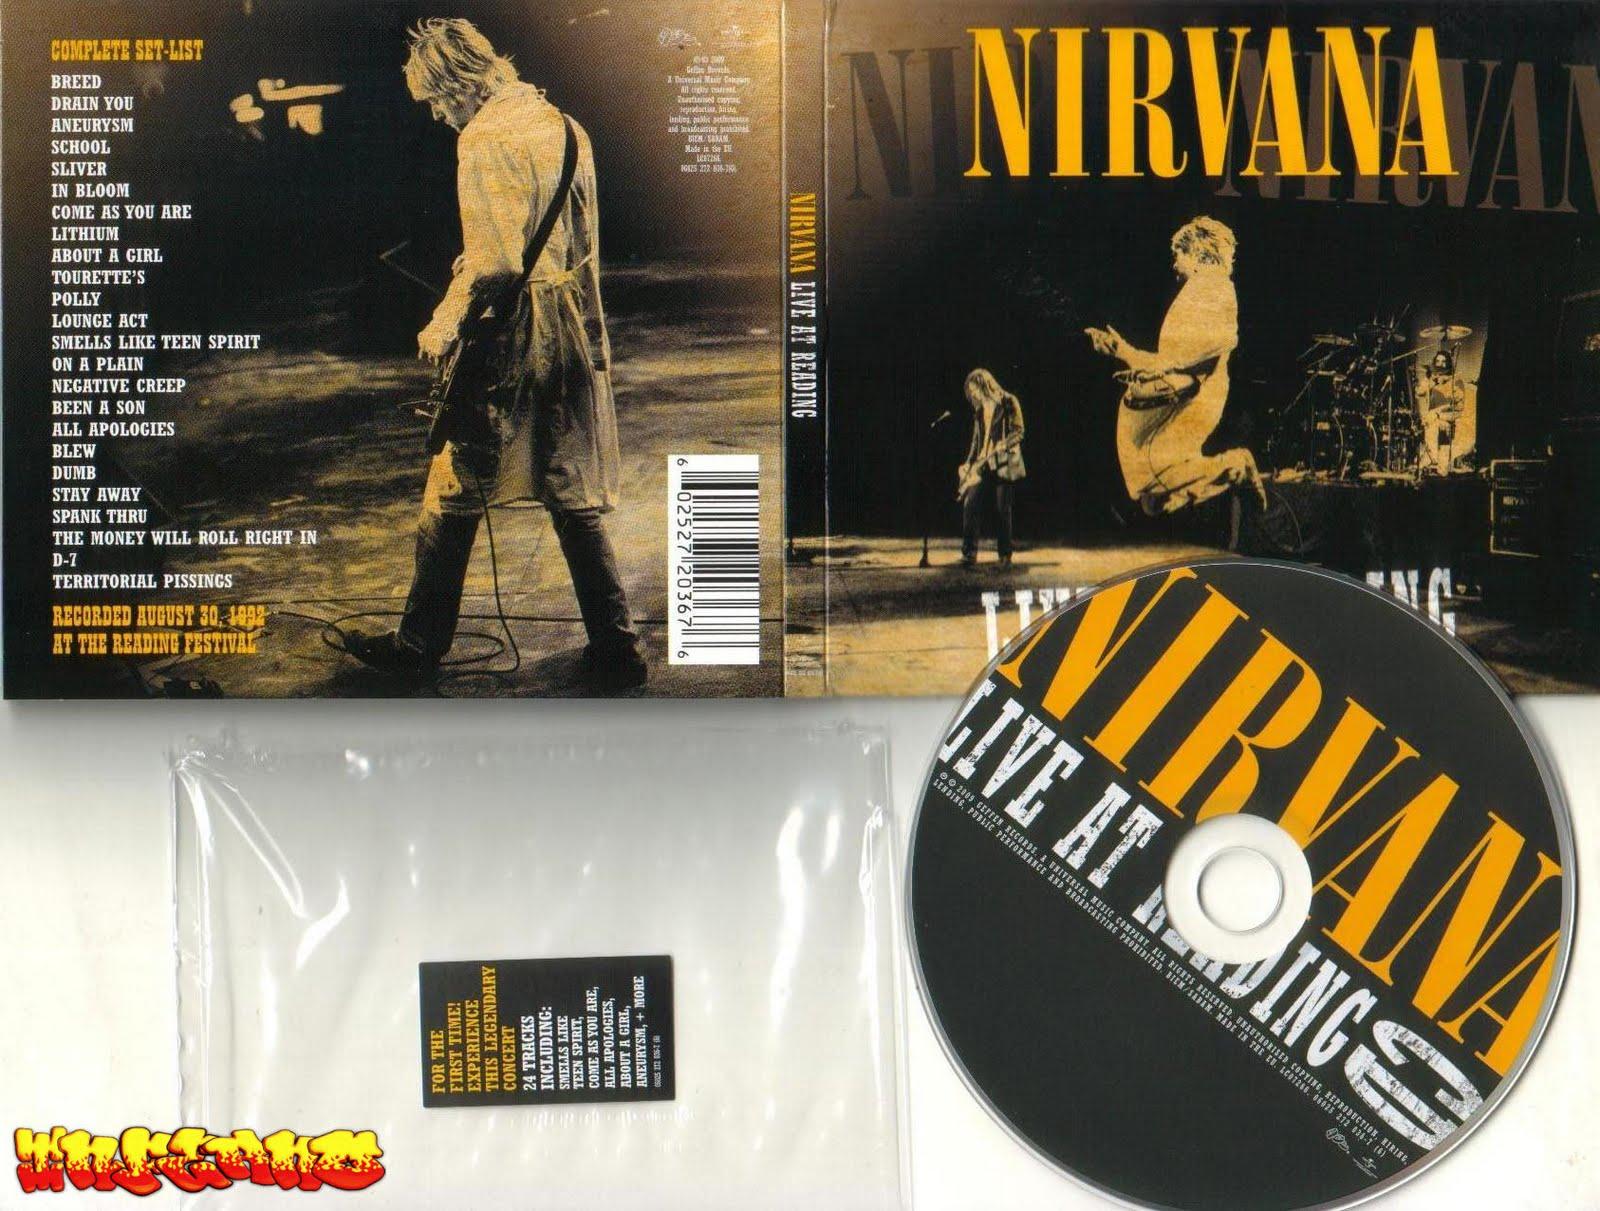 nirvana nevermind album download torrent